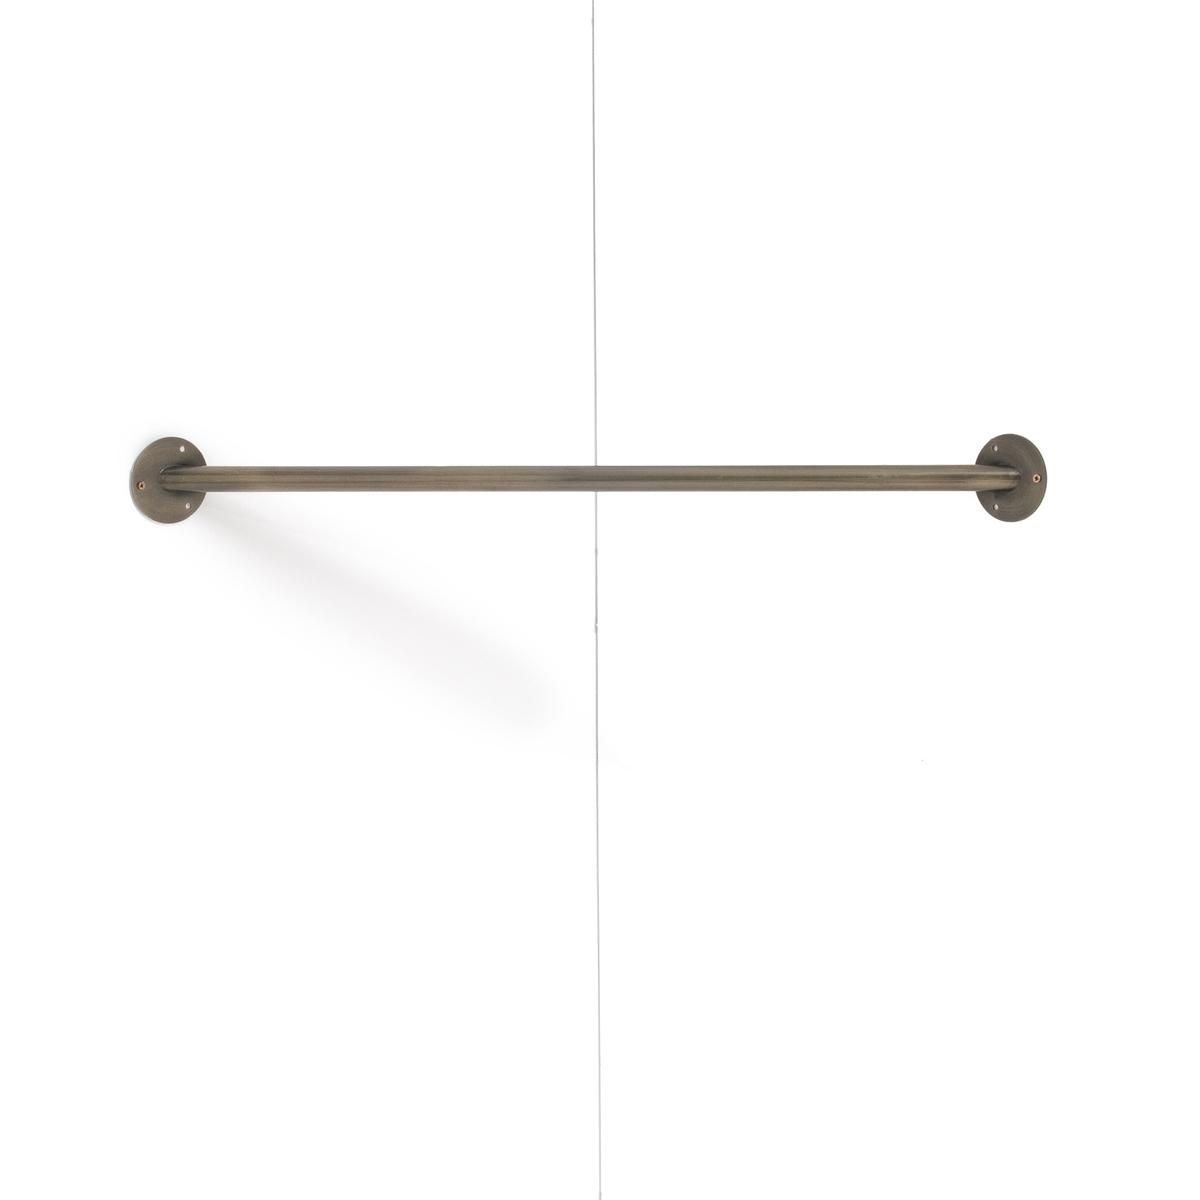 Стойка/ угловая перекладина настенная BLISKA с отделкой в индустриальном стиле